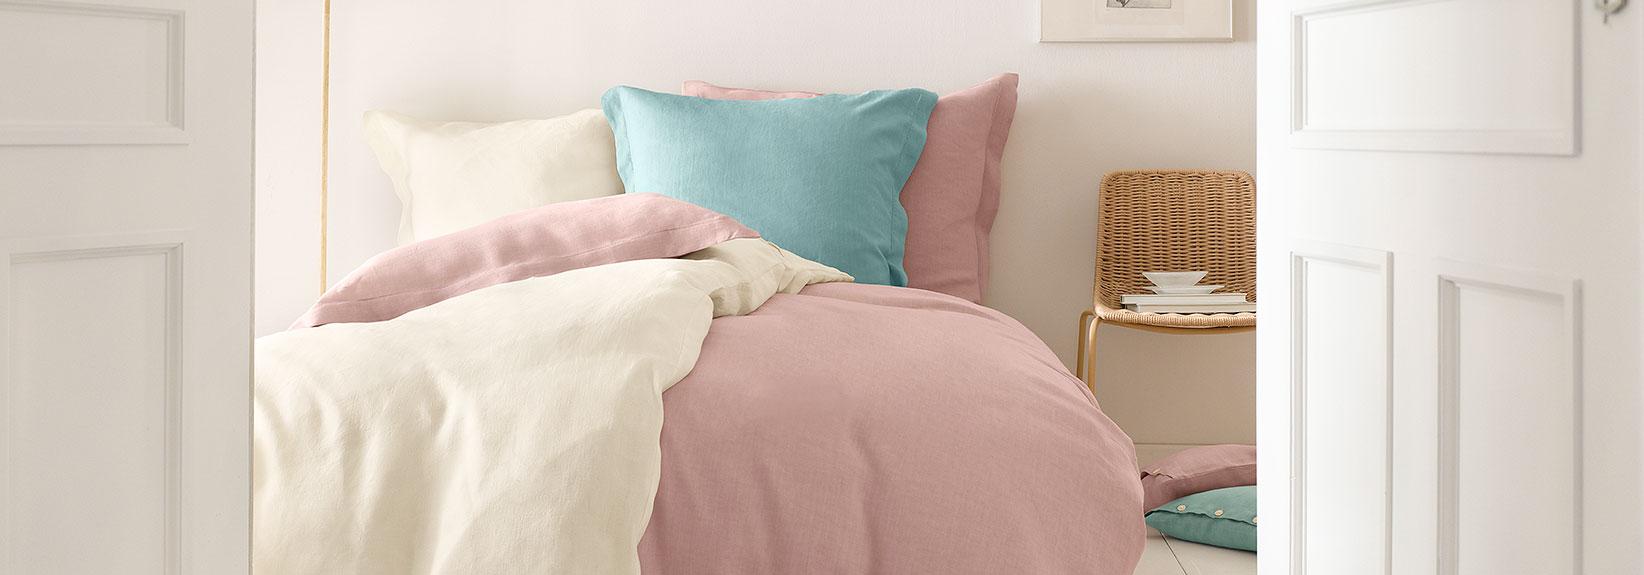 purelove bettw sche aus reinem hessen leinen hessnatur magazin. Black Bedroom Furniture Sets. Home Design Ideas